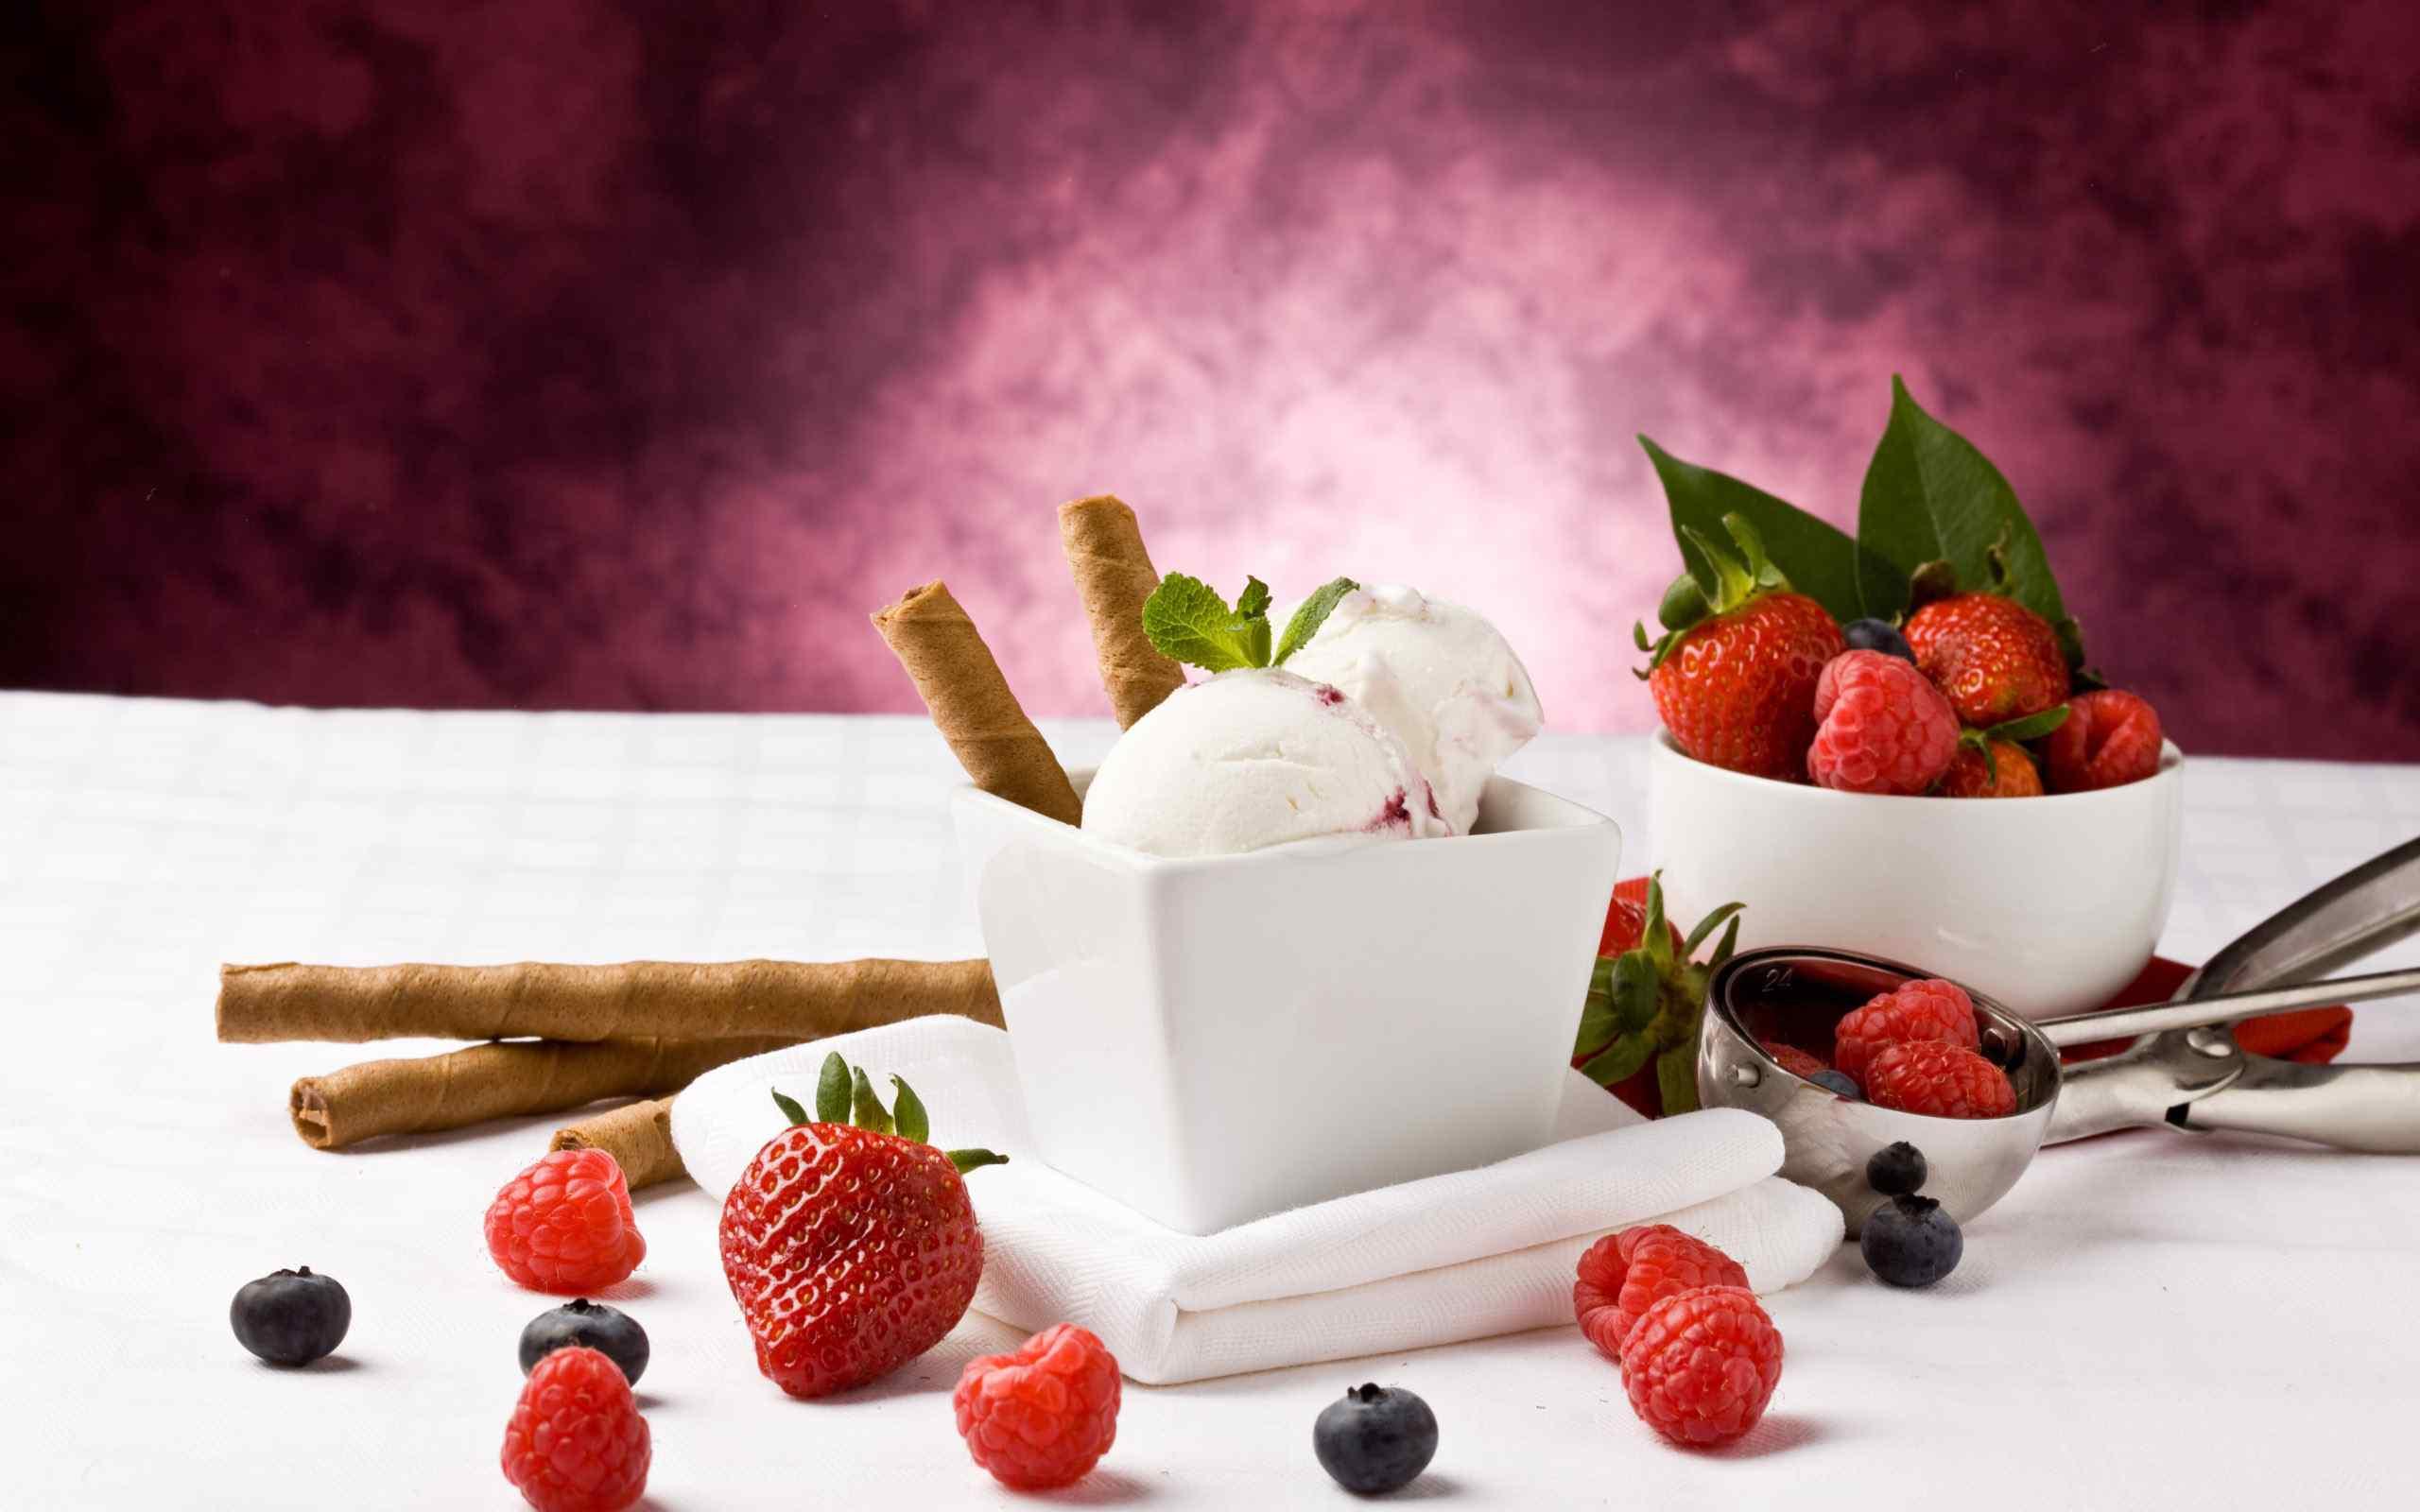 草莓蛋卷冰淇淋桌面壁纸